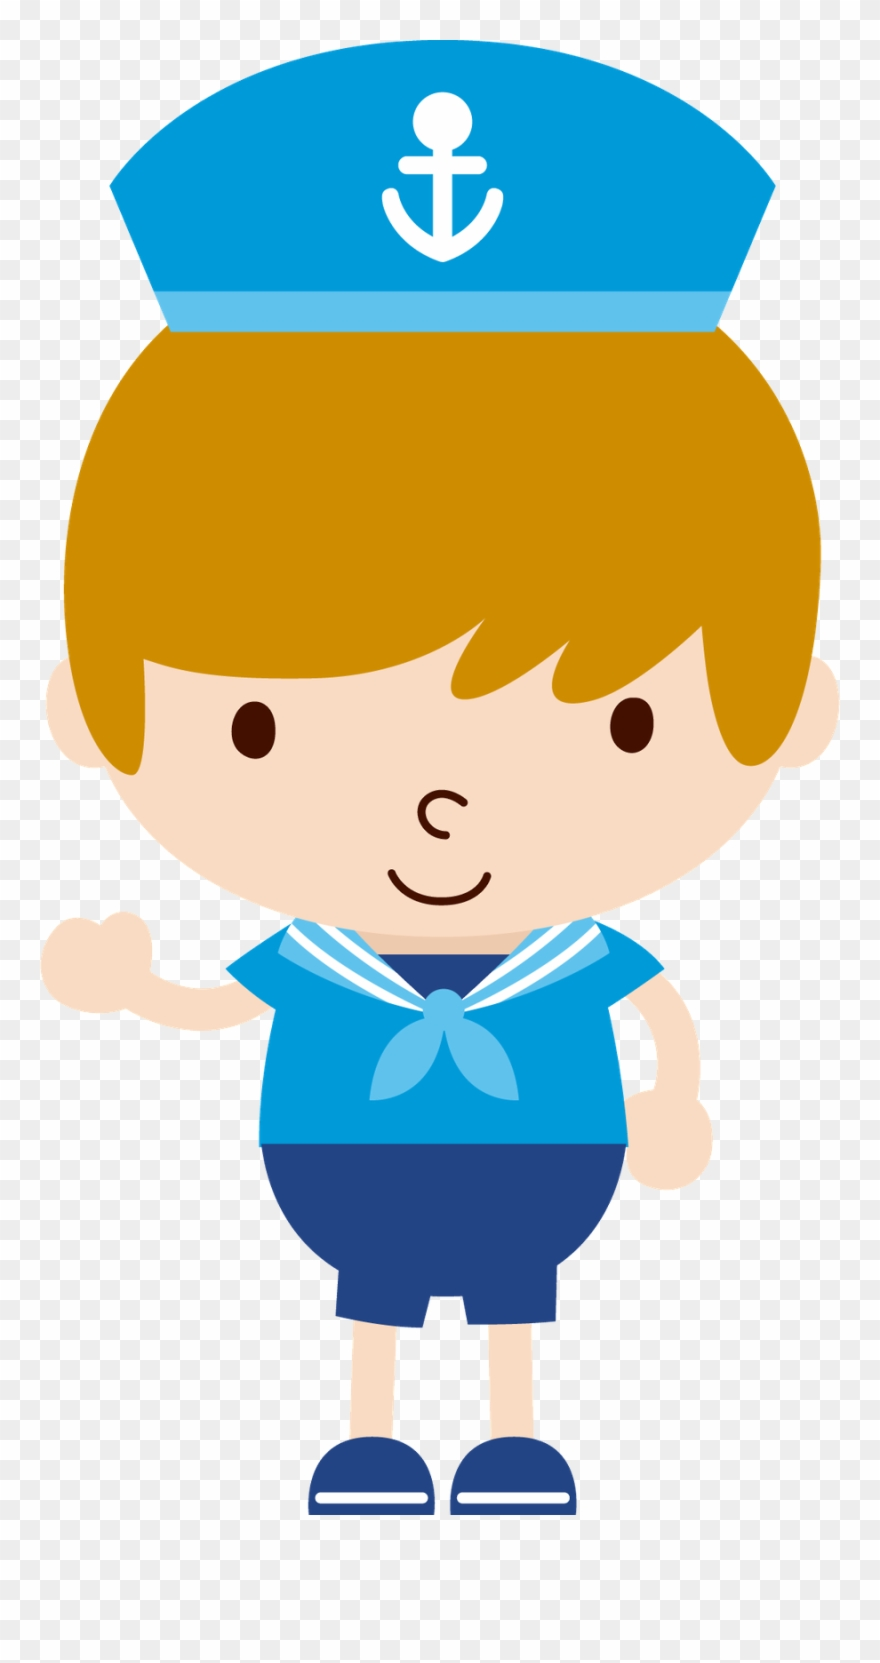 Sailor Boy Clip Art.